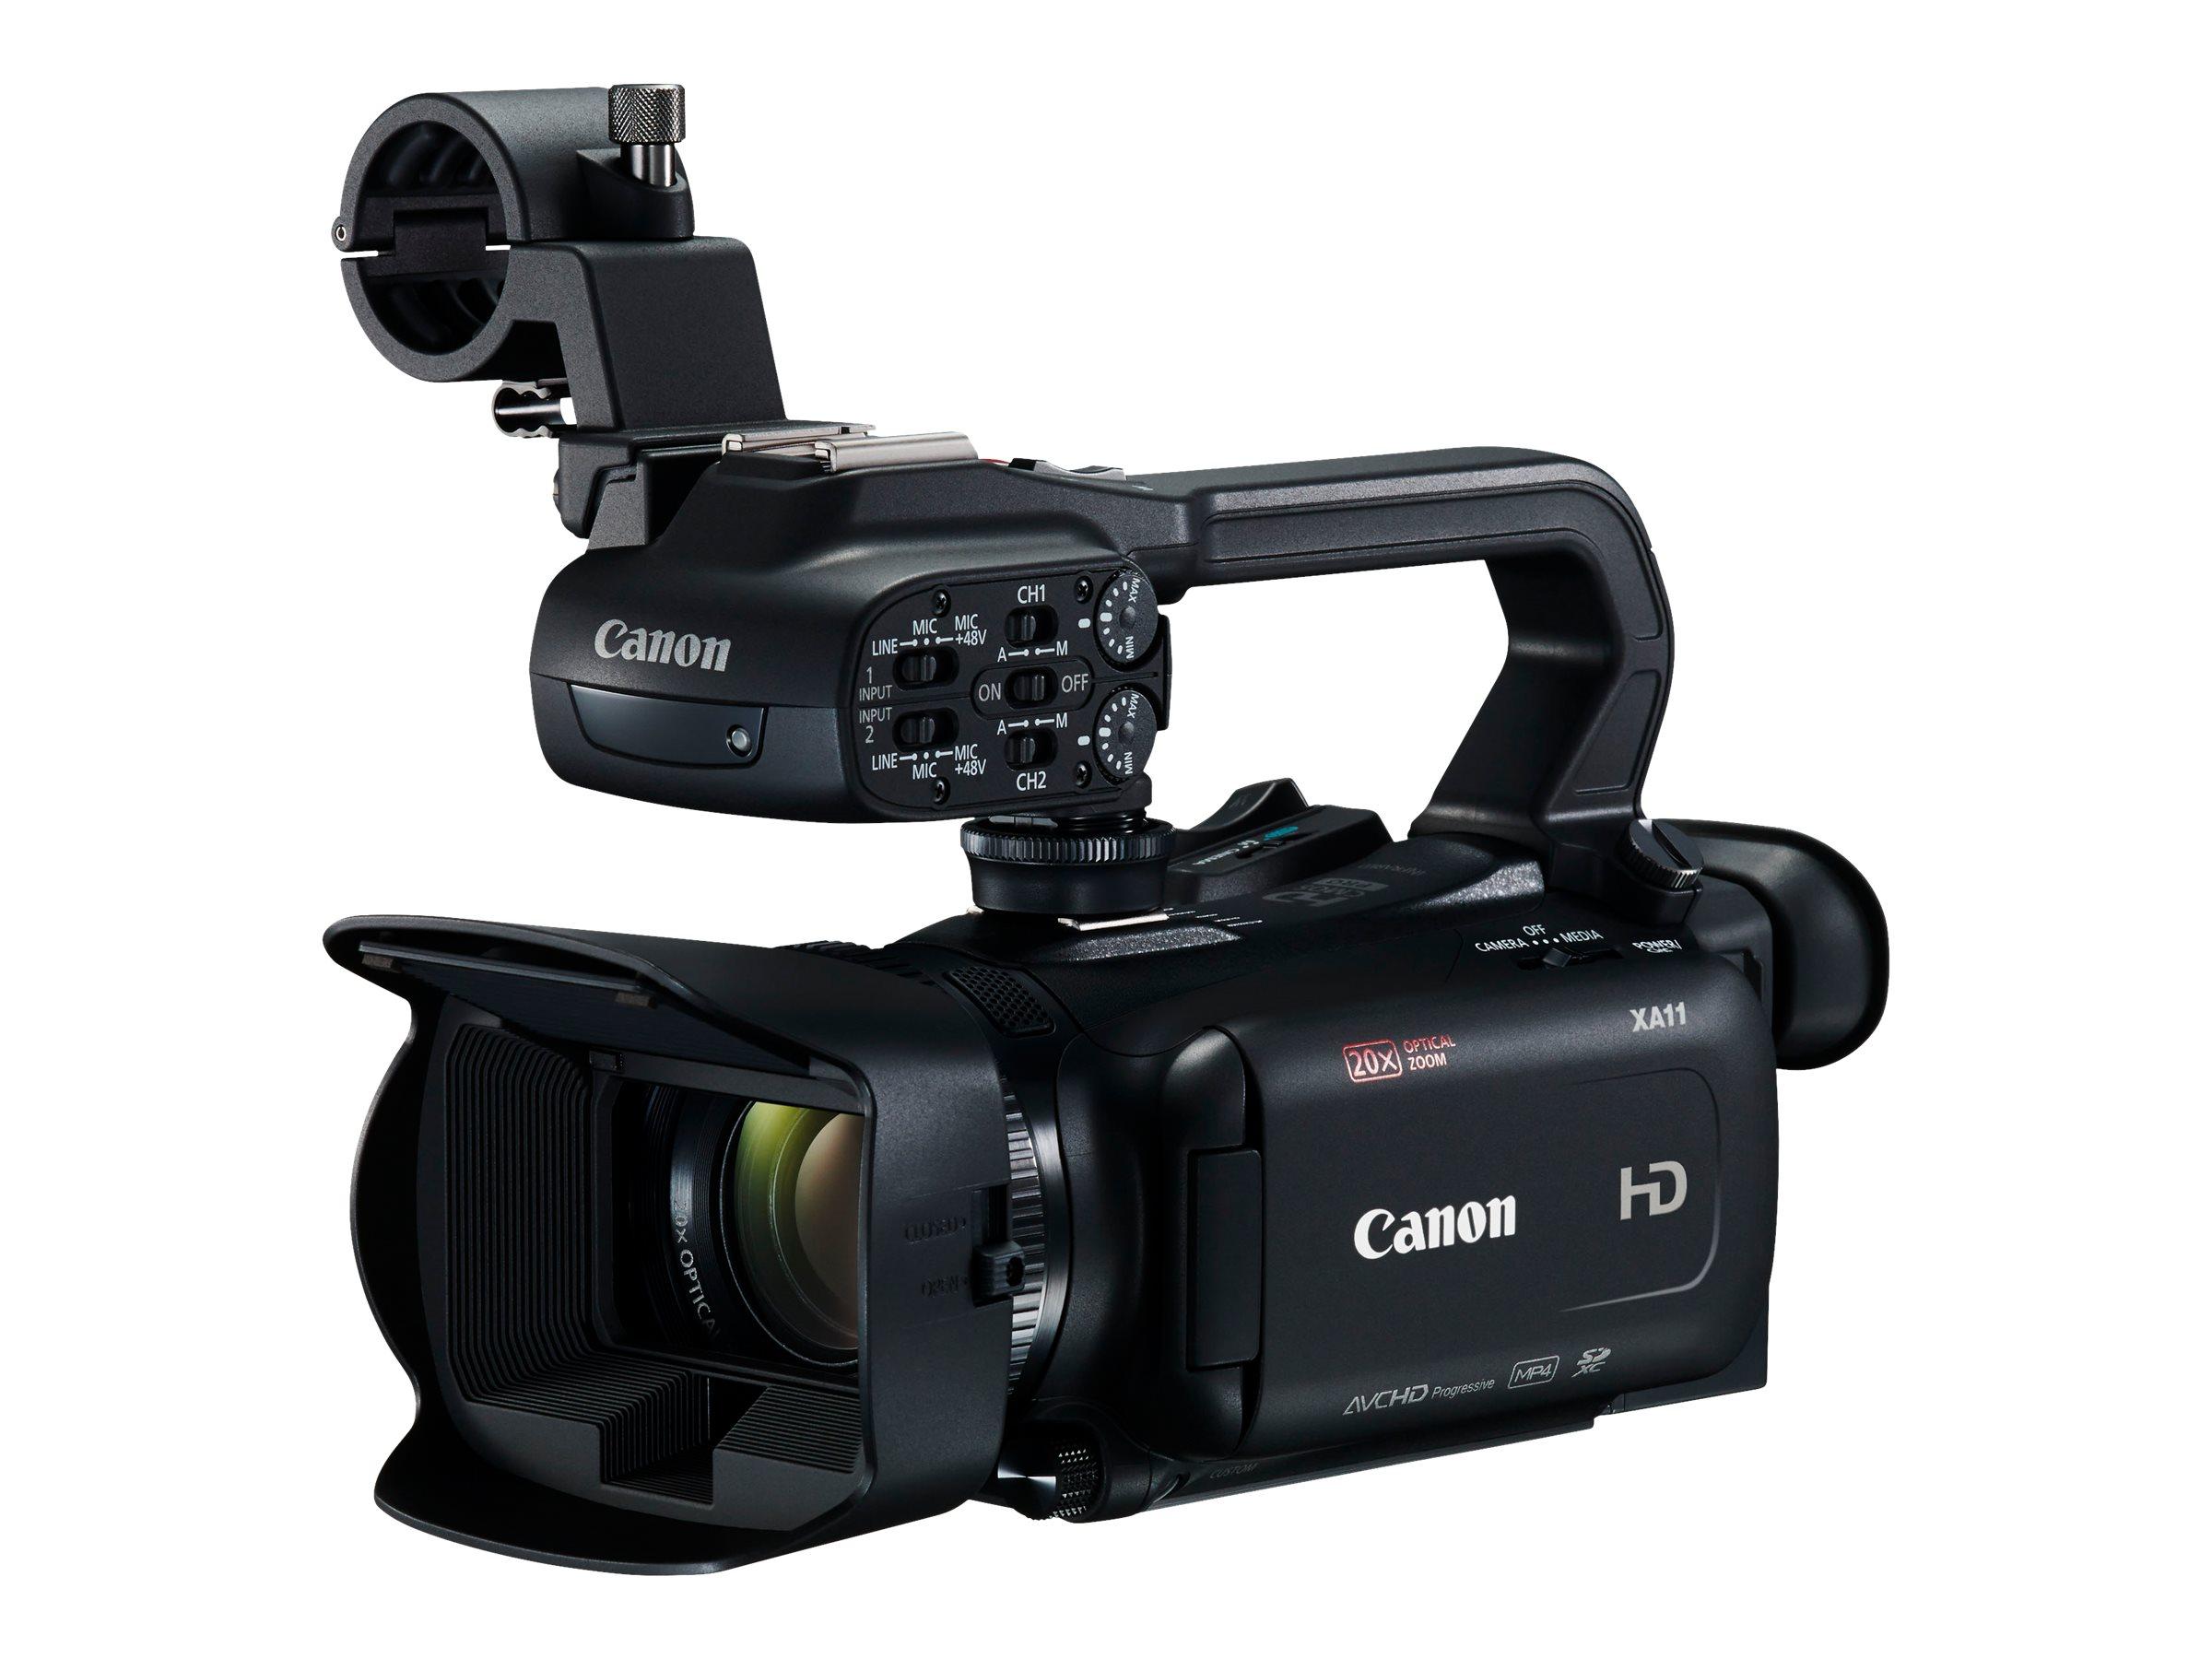 Canon XA11 - Camcorder - 1080p / 50 BpS - 3.09 MPix - 20x optischer Zoom - Flash-Karte